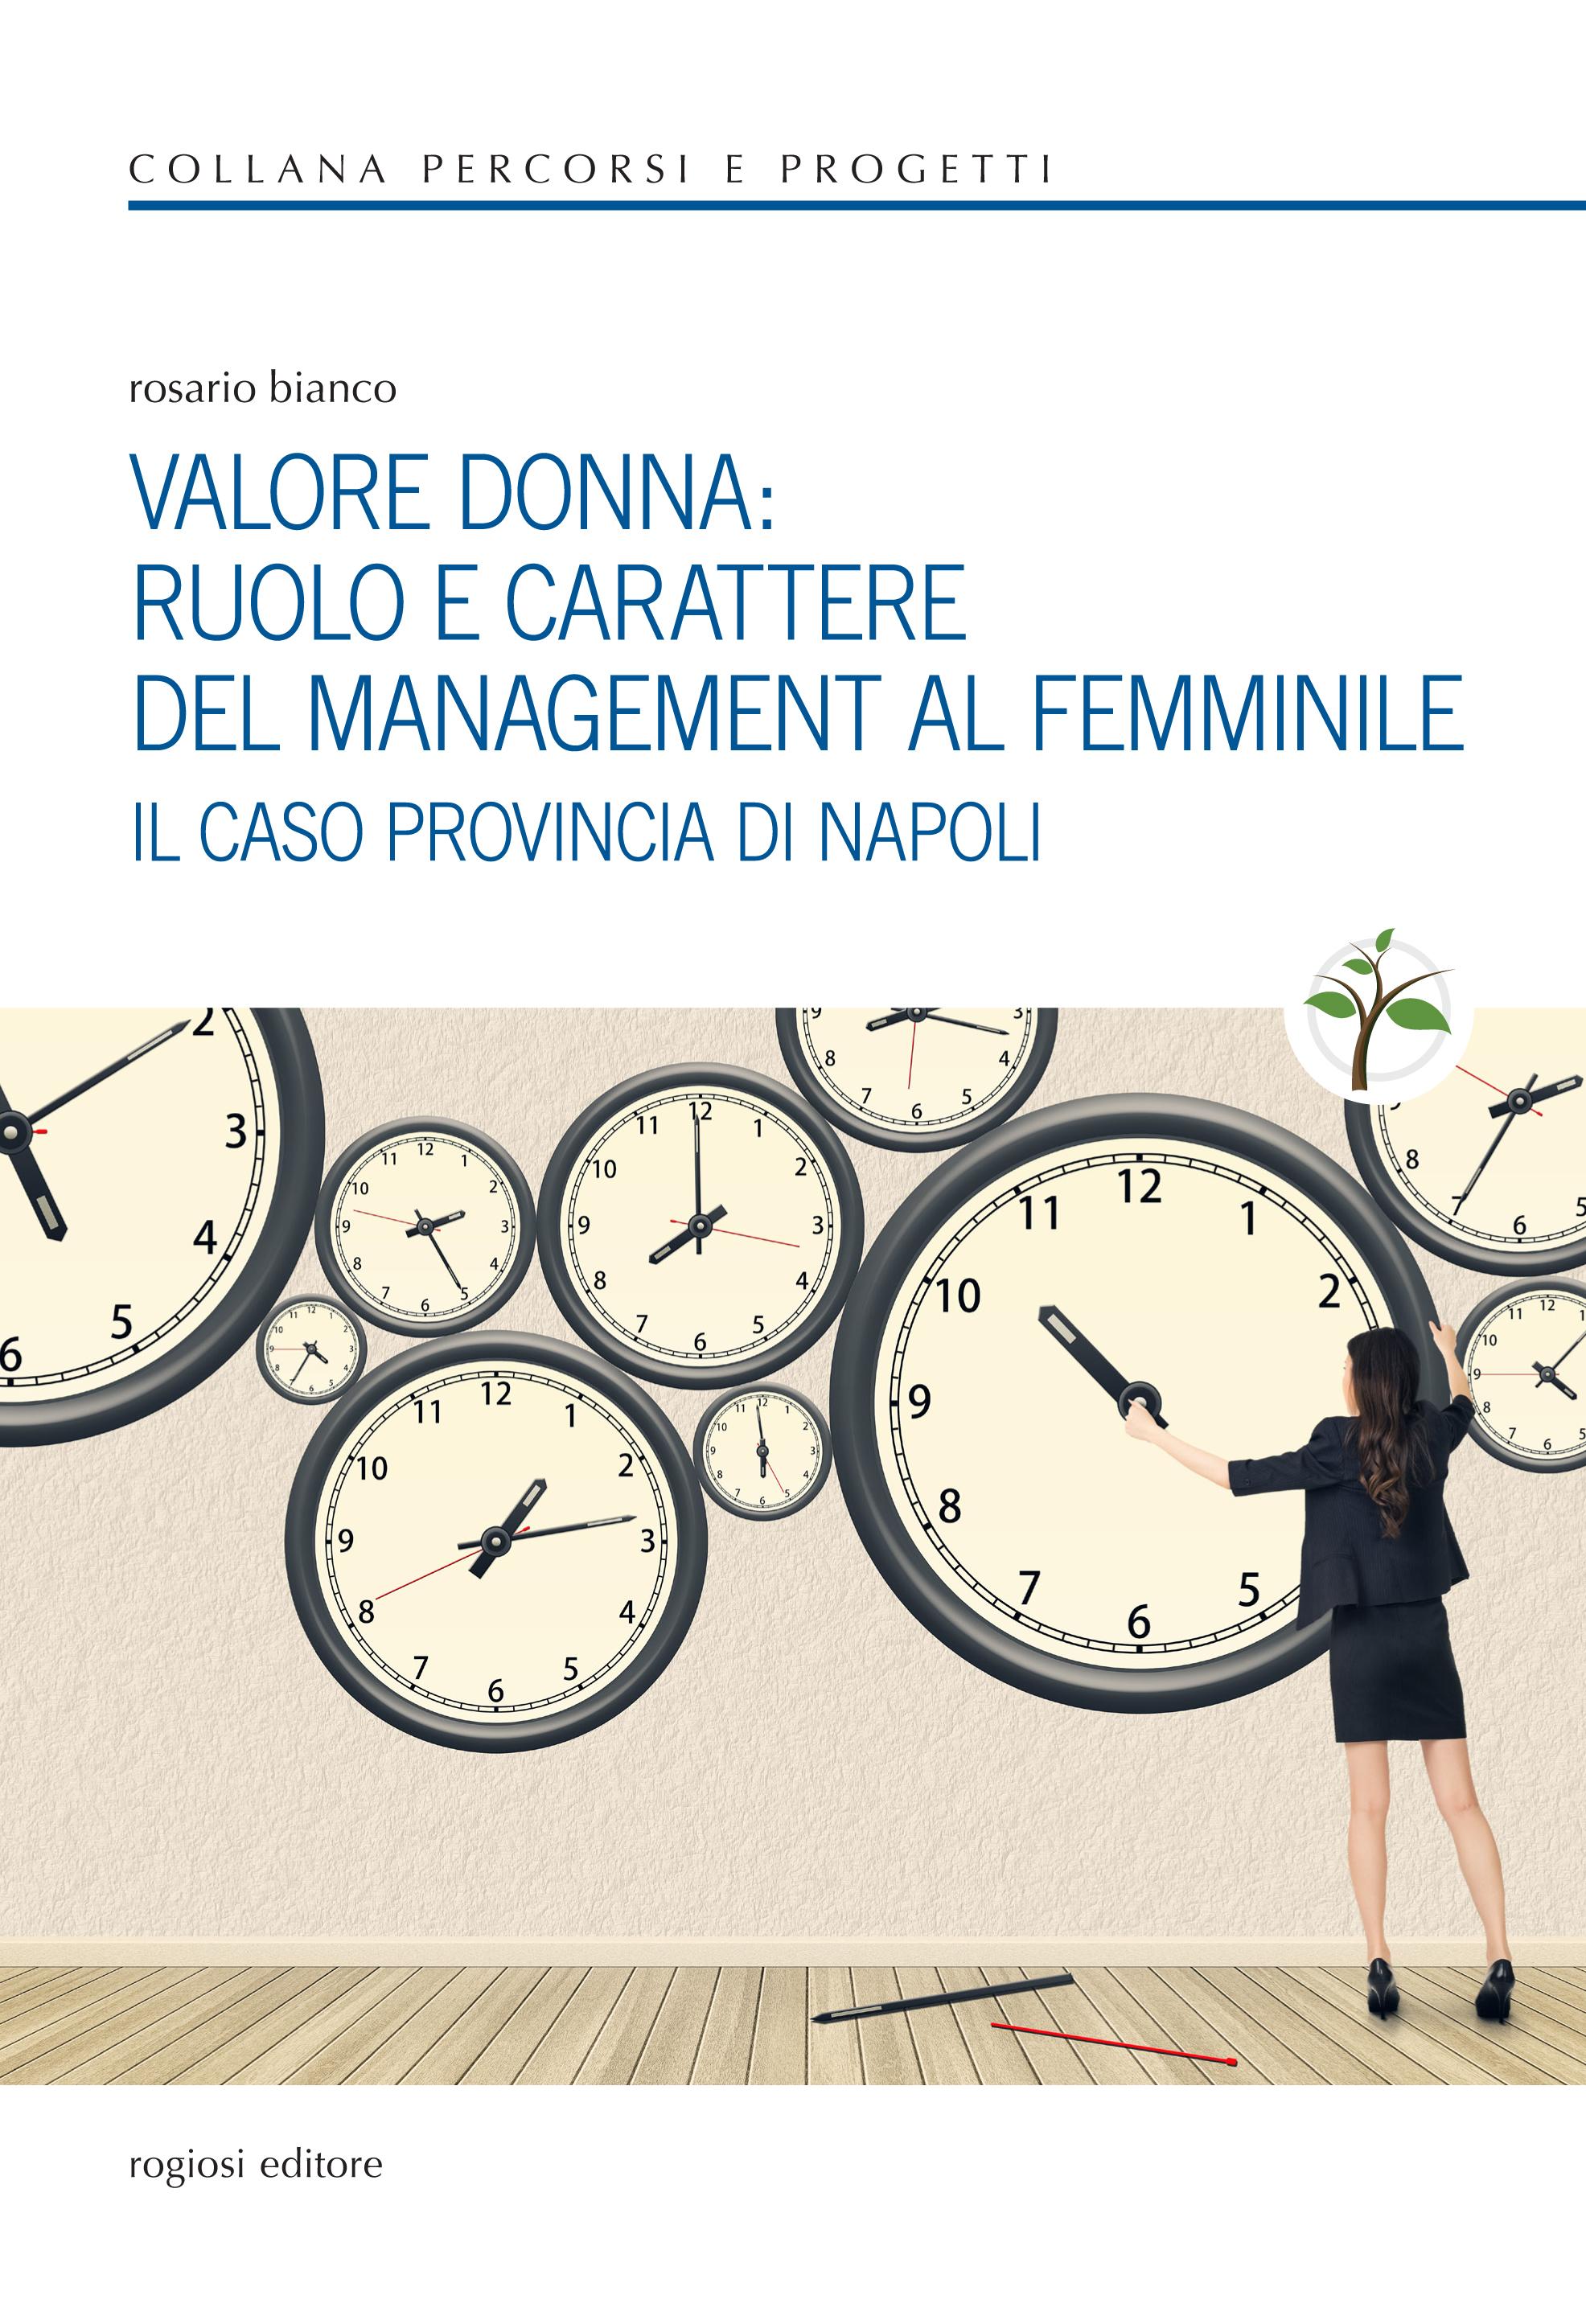 VALORE DONNA: RUOLO E CARATTERE DEL MANAGEMENT AL FEMMINILE - IL CASO PROVINCIA DI NAPOLI